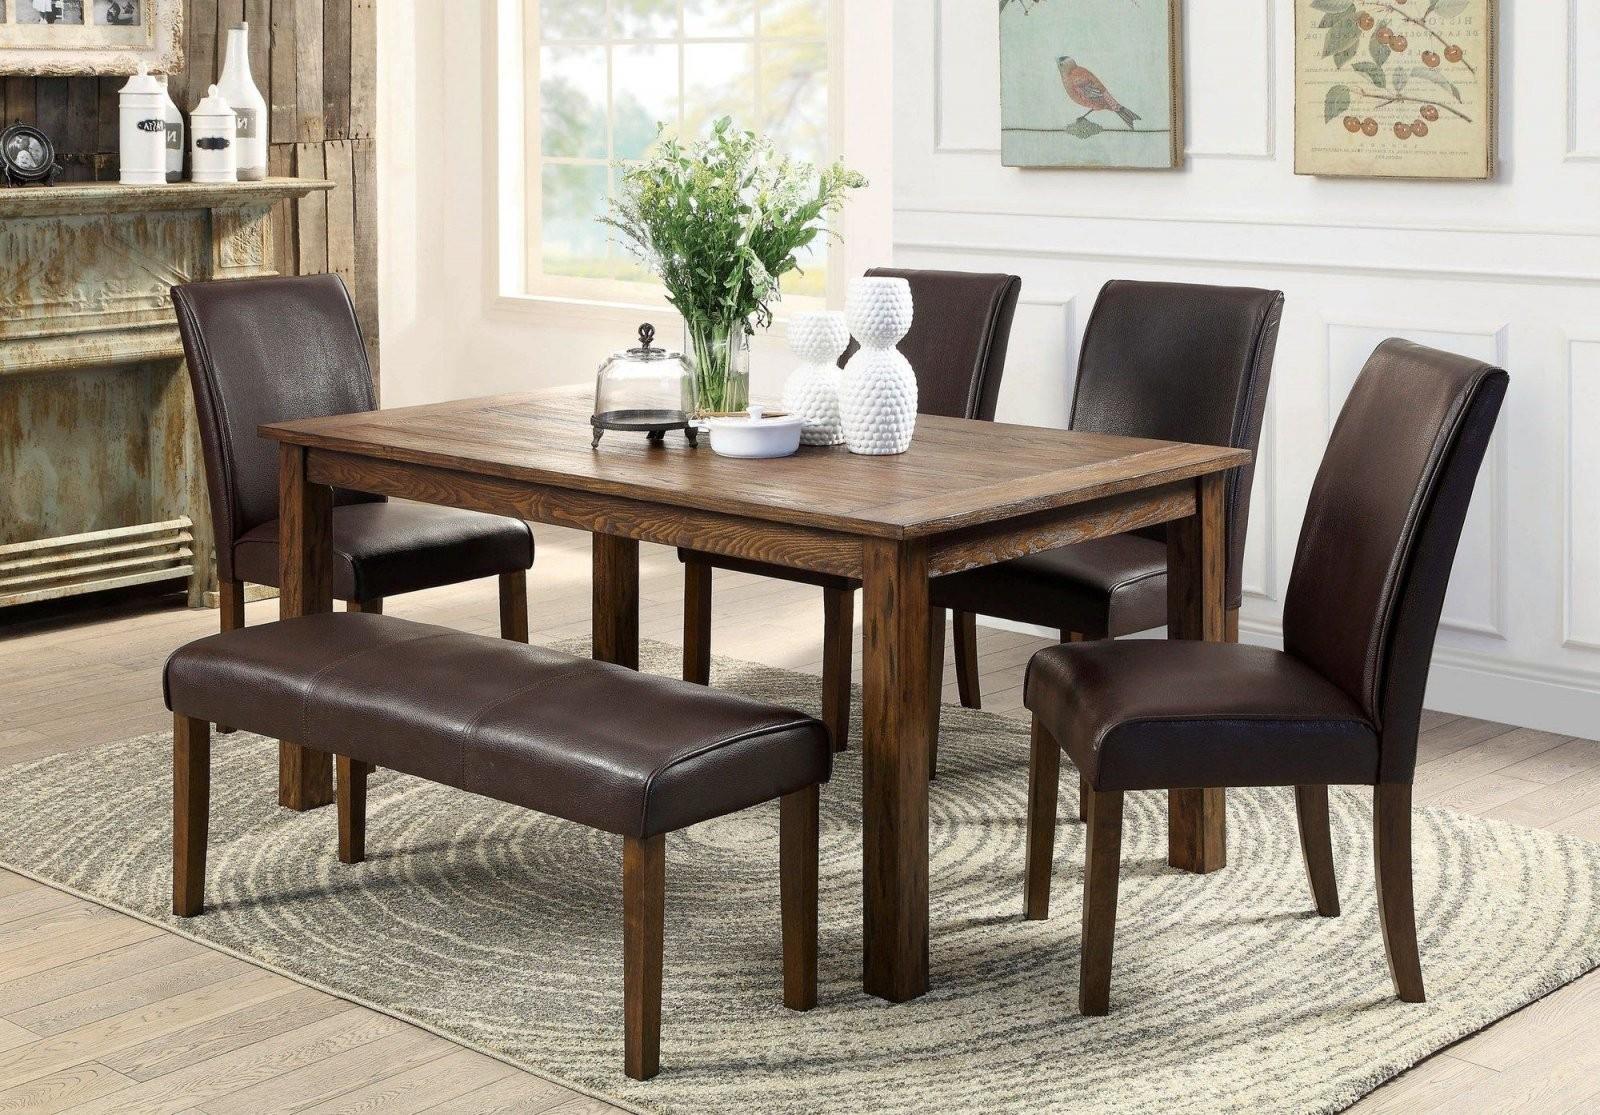 Esstischgarnitur Mit Eckbank Kleine Küche Tisch Und Stühlen Weiß von Küche Tisch Und Stühle Bild